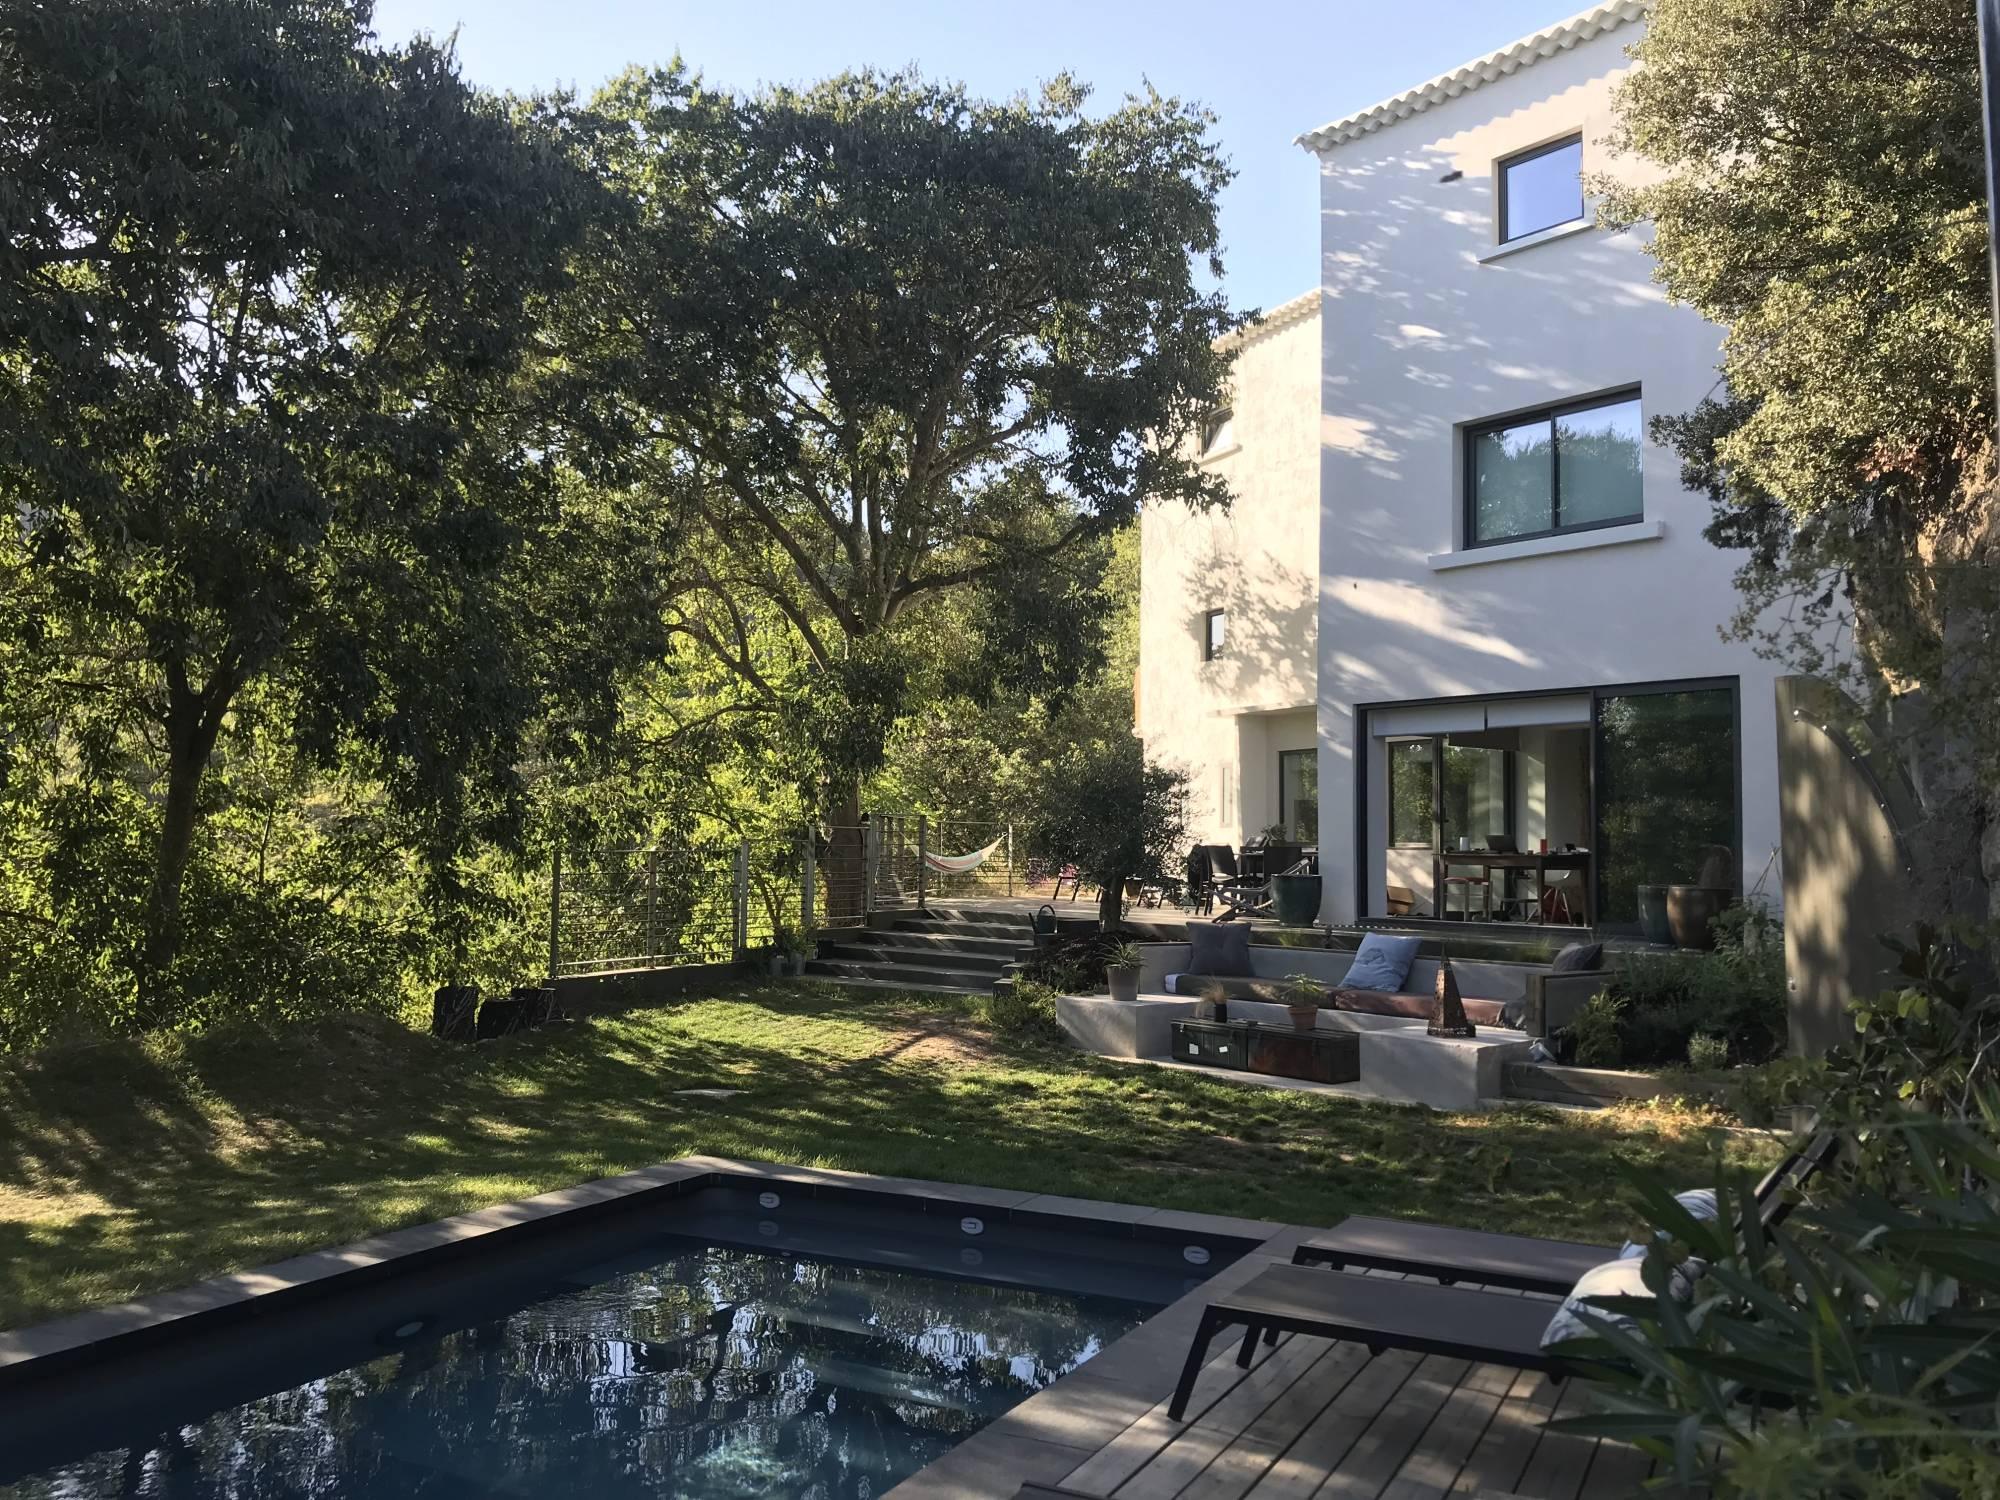 Villa A Louer Avec Piscine Pour Les Vacances Drome ... destiné Location Maison De Vacances Avec Piscine Privée